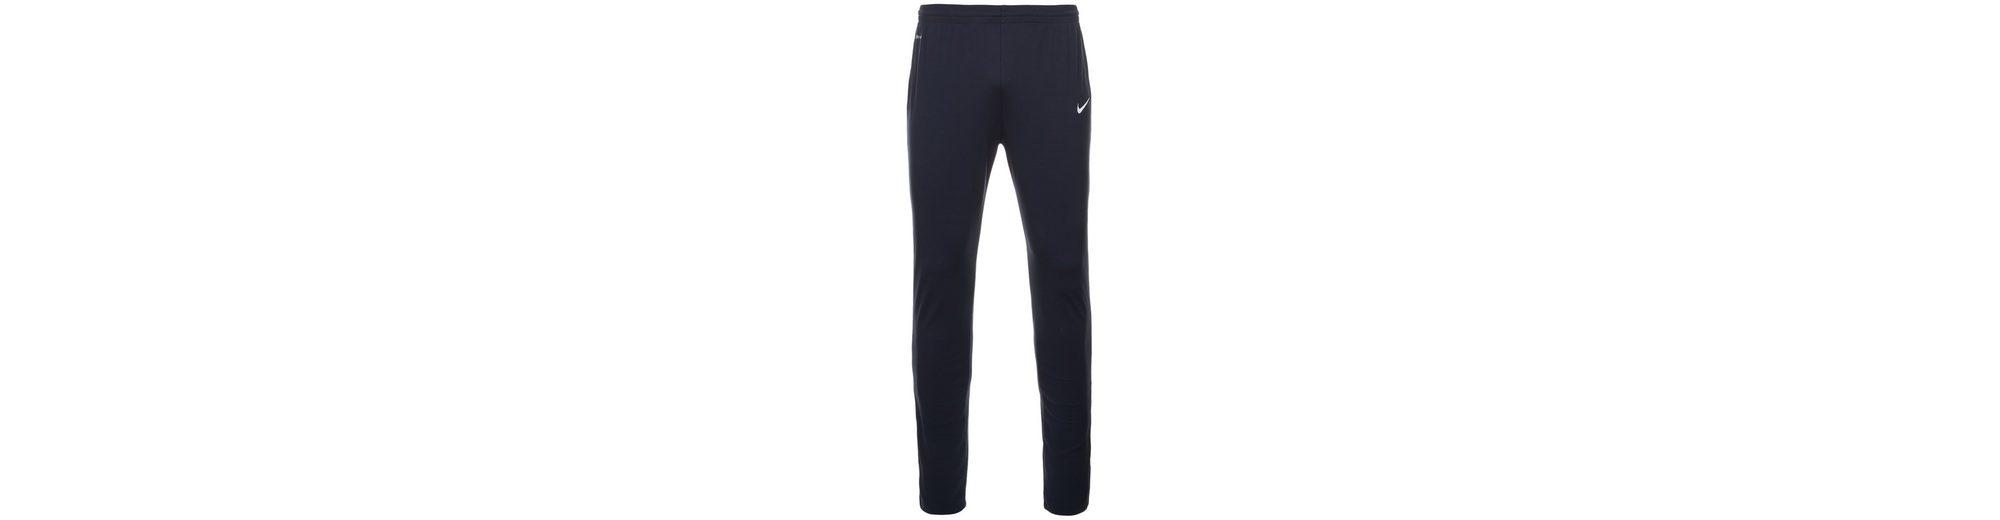 Nike Libero Technical Polyesterhose Herren Eastbay Verkauf Online Outlet Rabatt Low-Cost Verkauf Online Viele Arten Von Günstigem Preis Outlet Neuesten Kollektionen rpxi2d4GZn